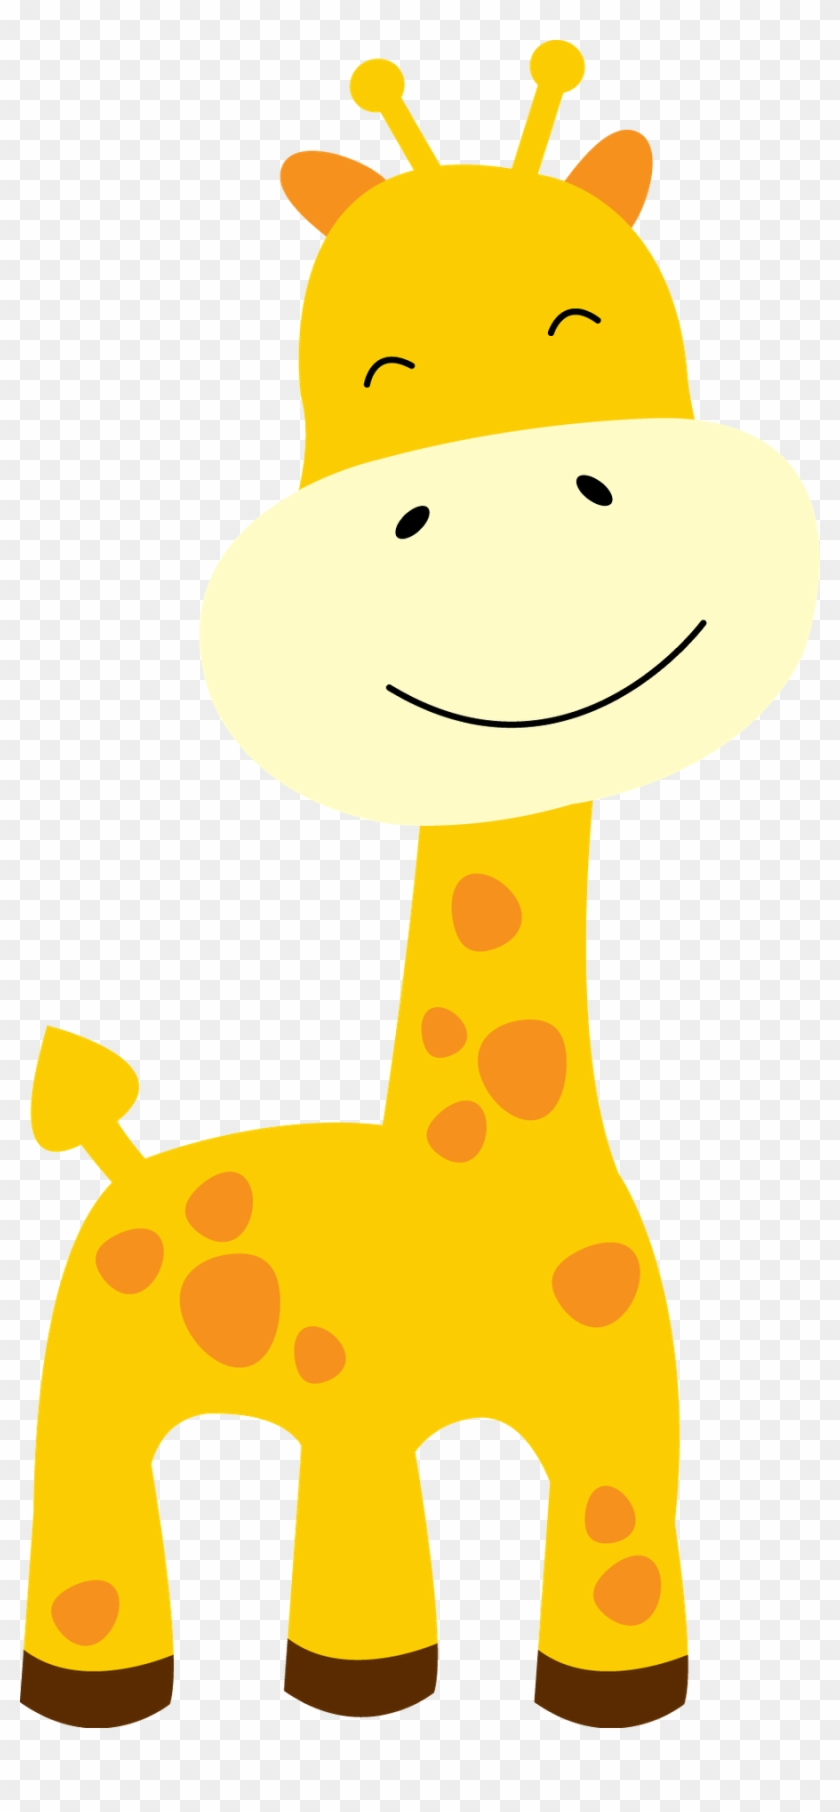 Giraffe Clipart Baby Shower Giraffe - Baby Giraffe Clipart #19324